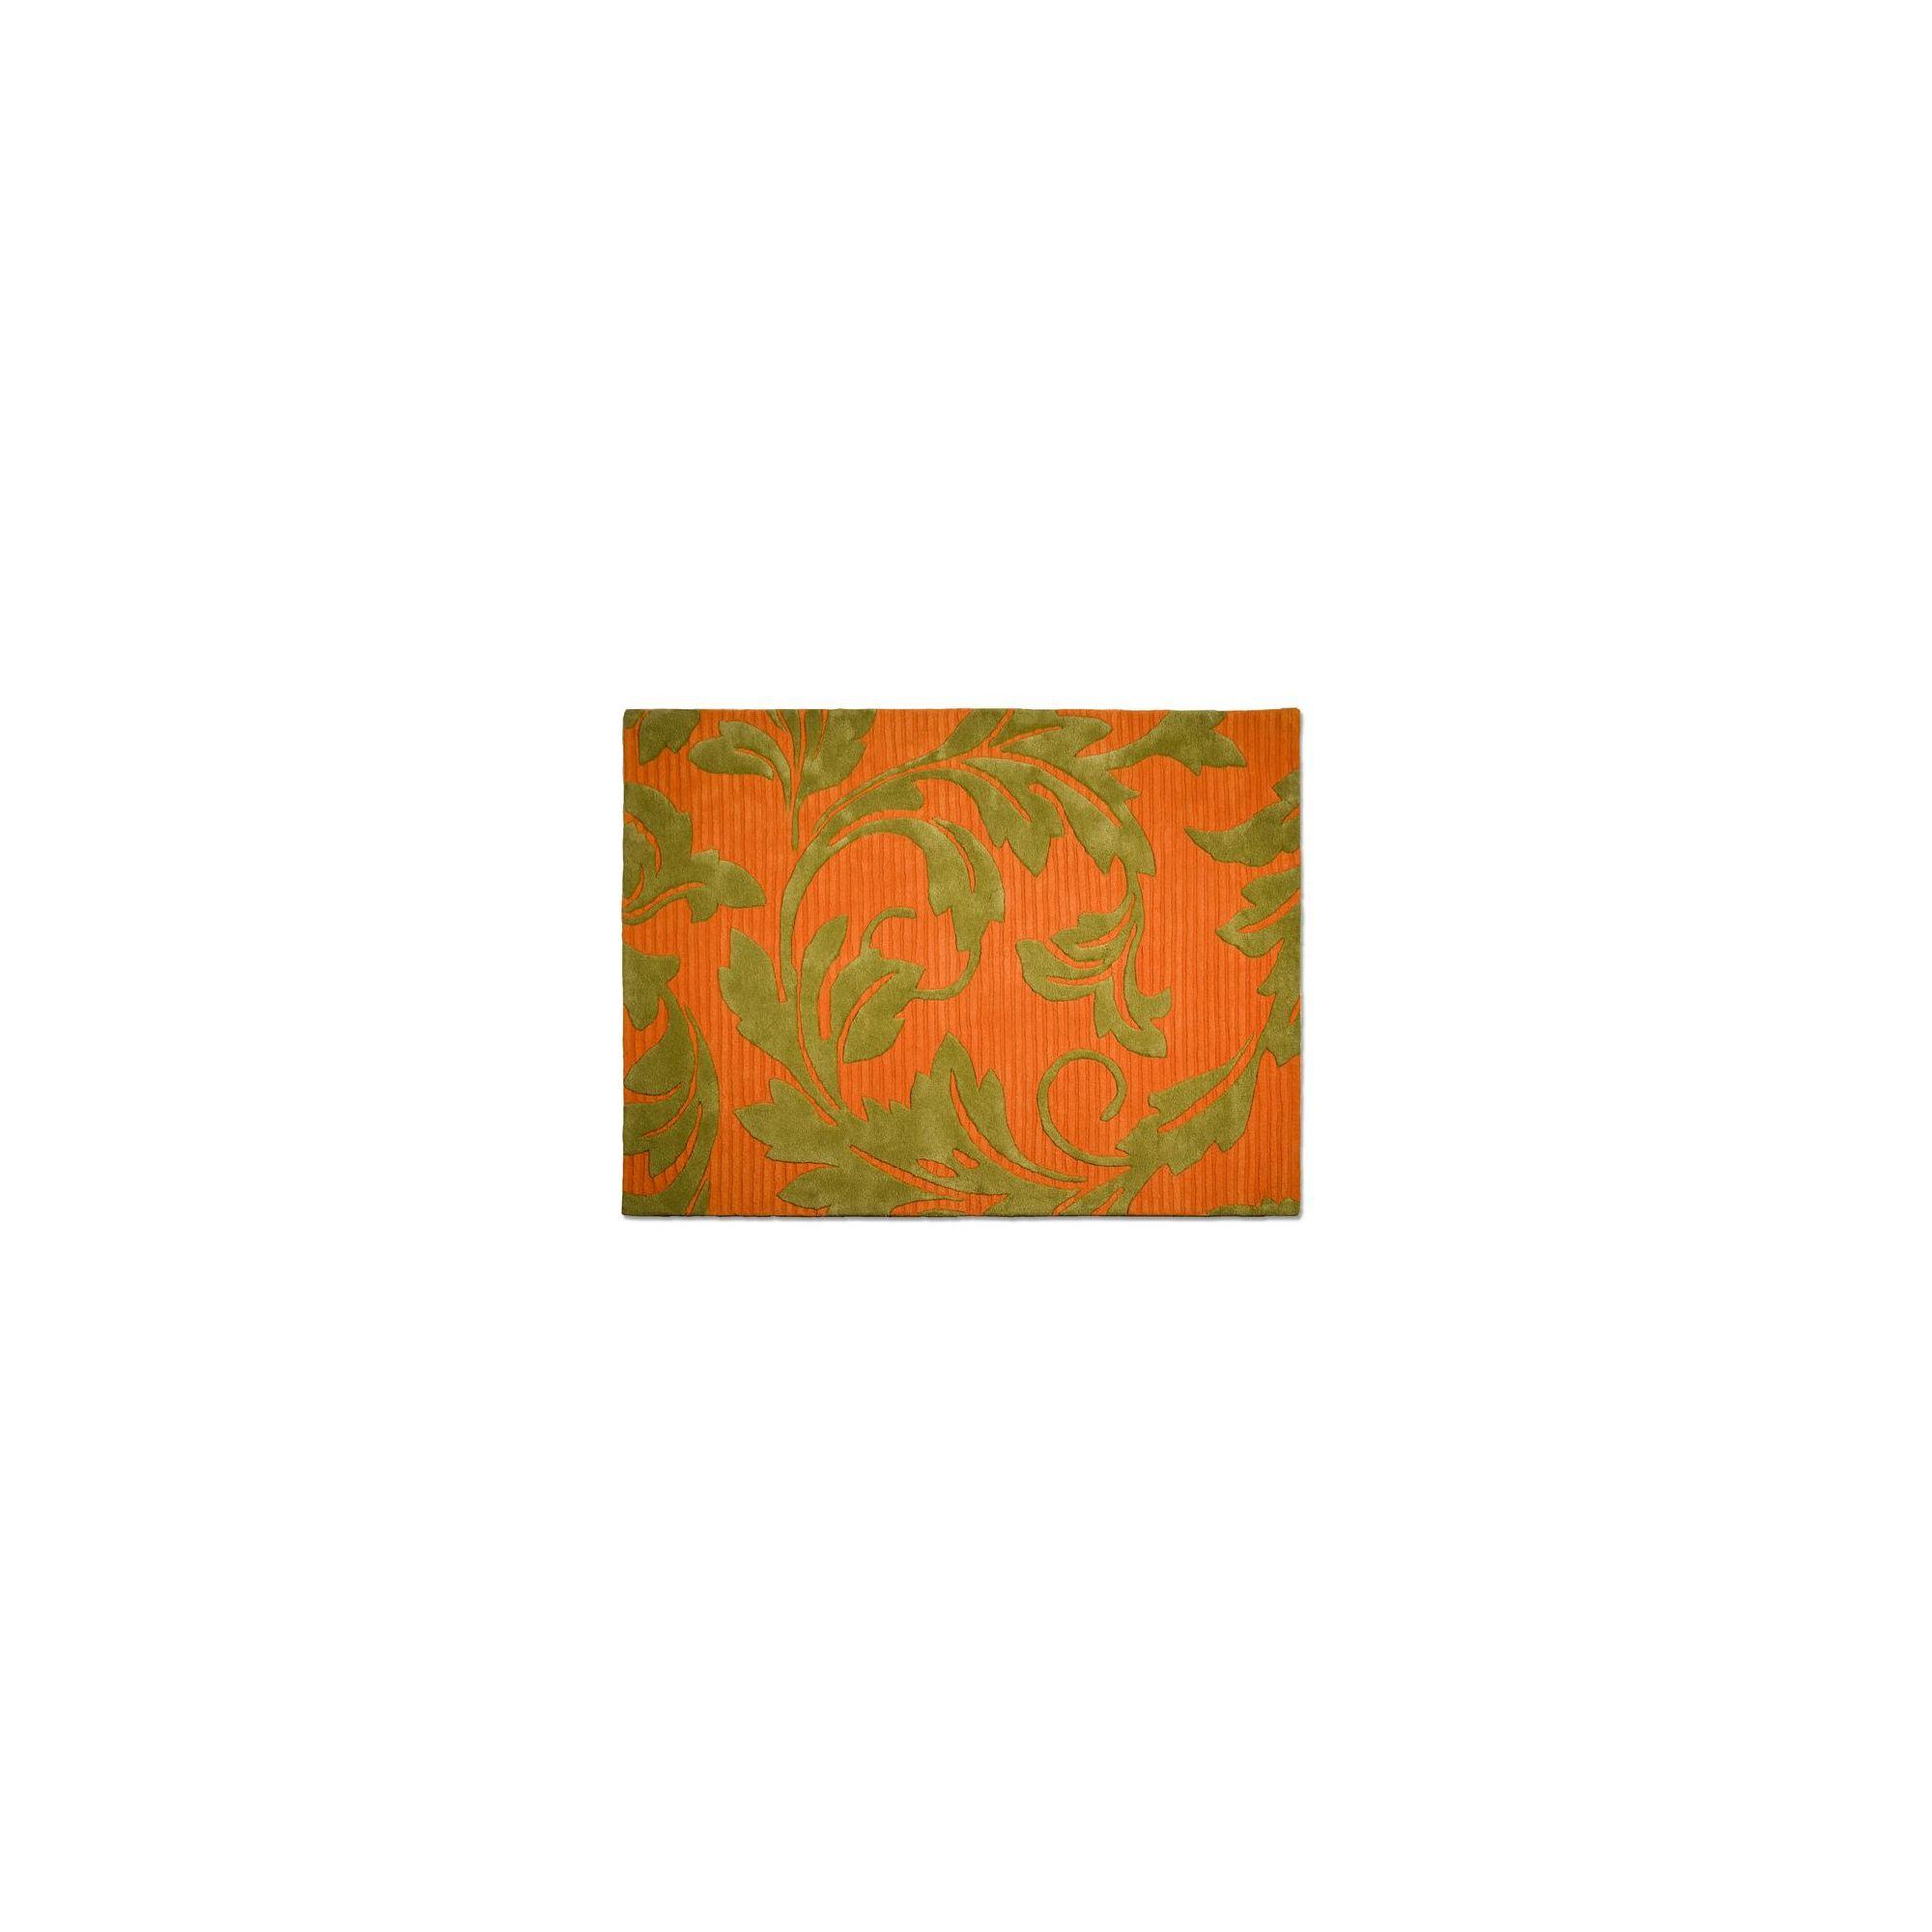 Anna V Rugs Spring Hemp Contemporary Rectangular Rug - 180cm x 240cm at Tesco Direct